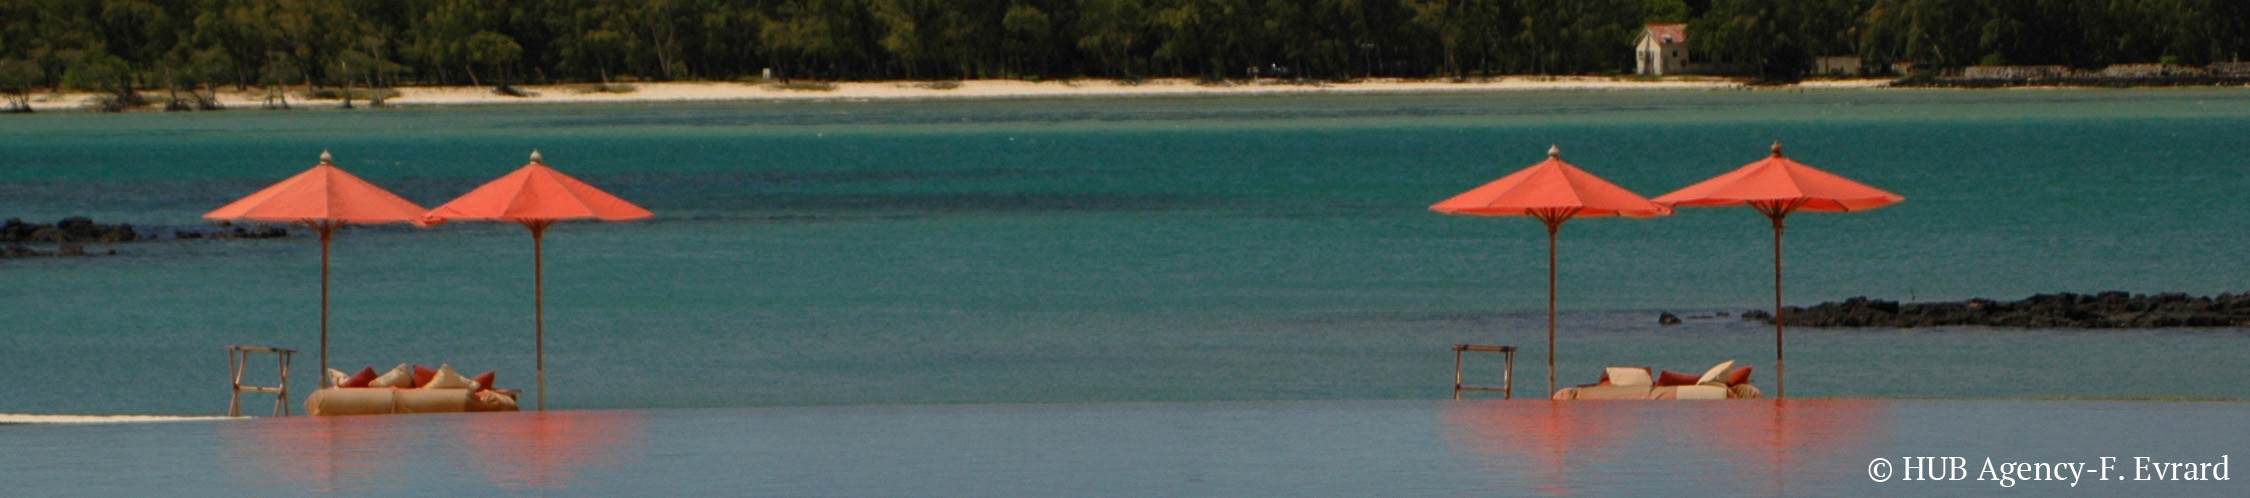 Lune de miel voyage de noce ile maurice spécial couple sable blanc lagon eau turquoise